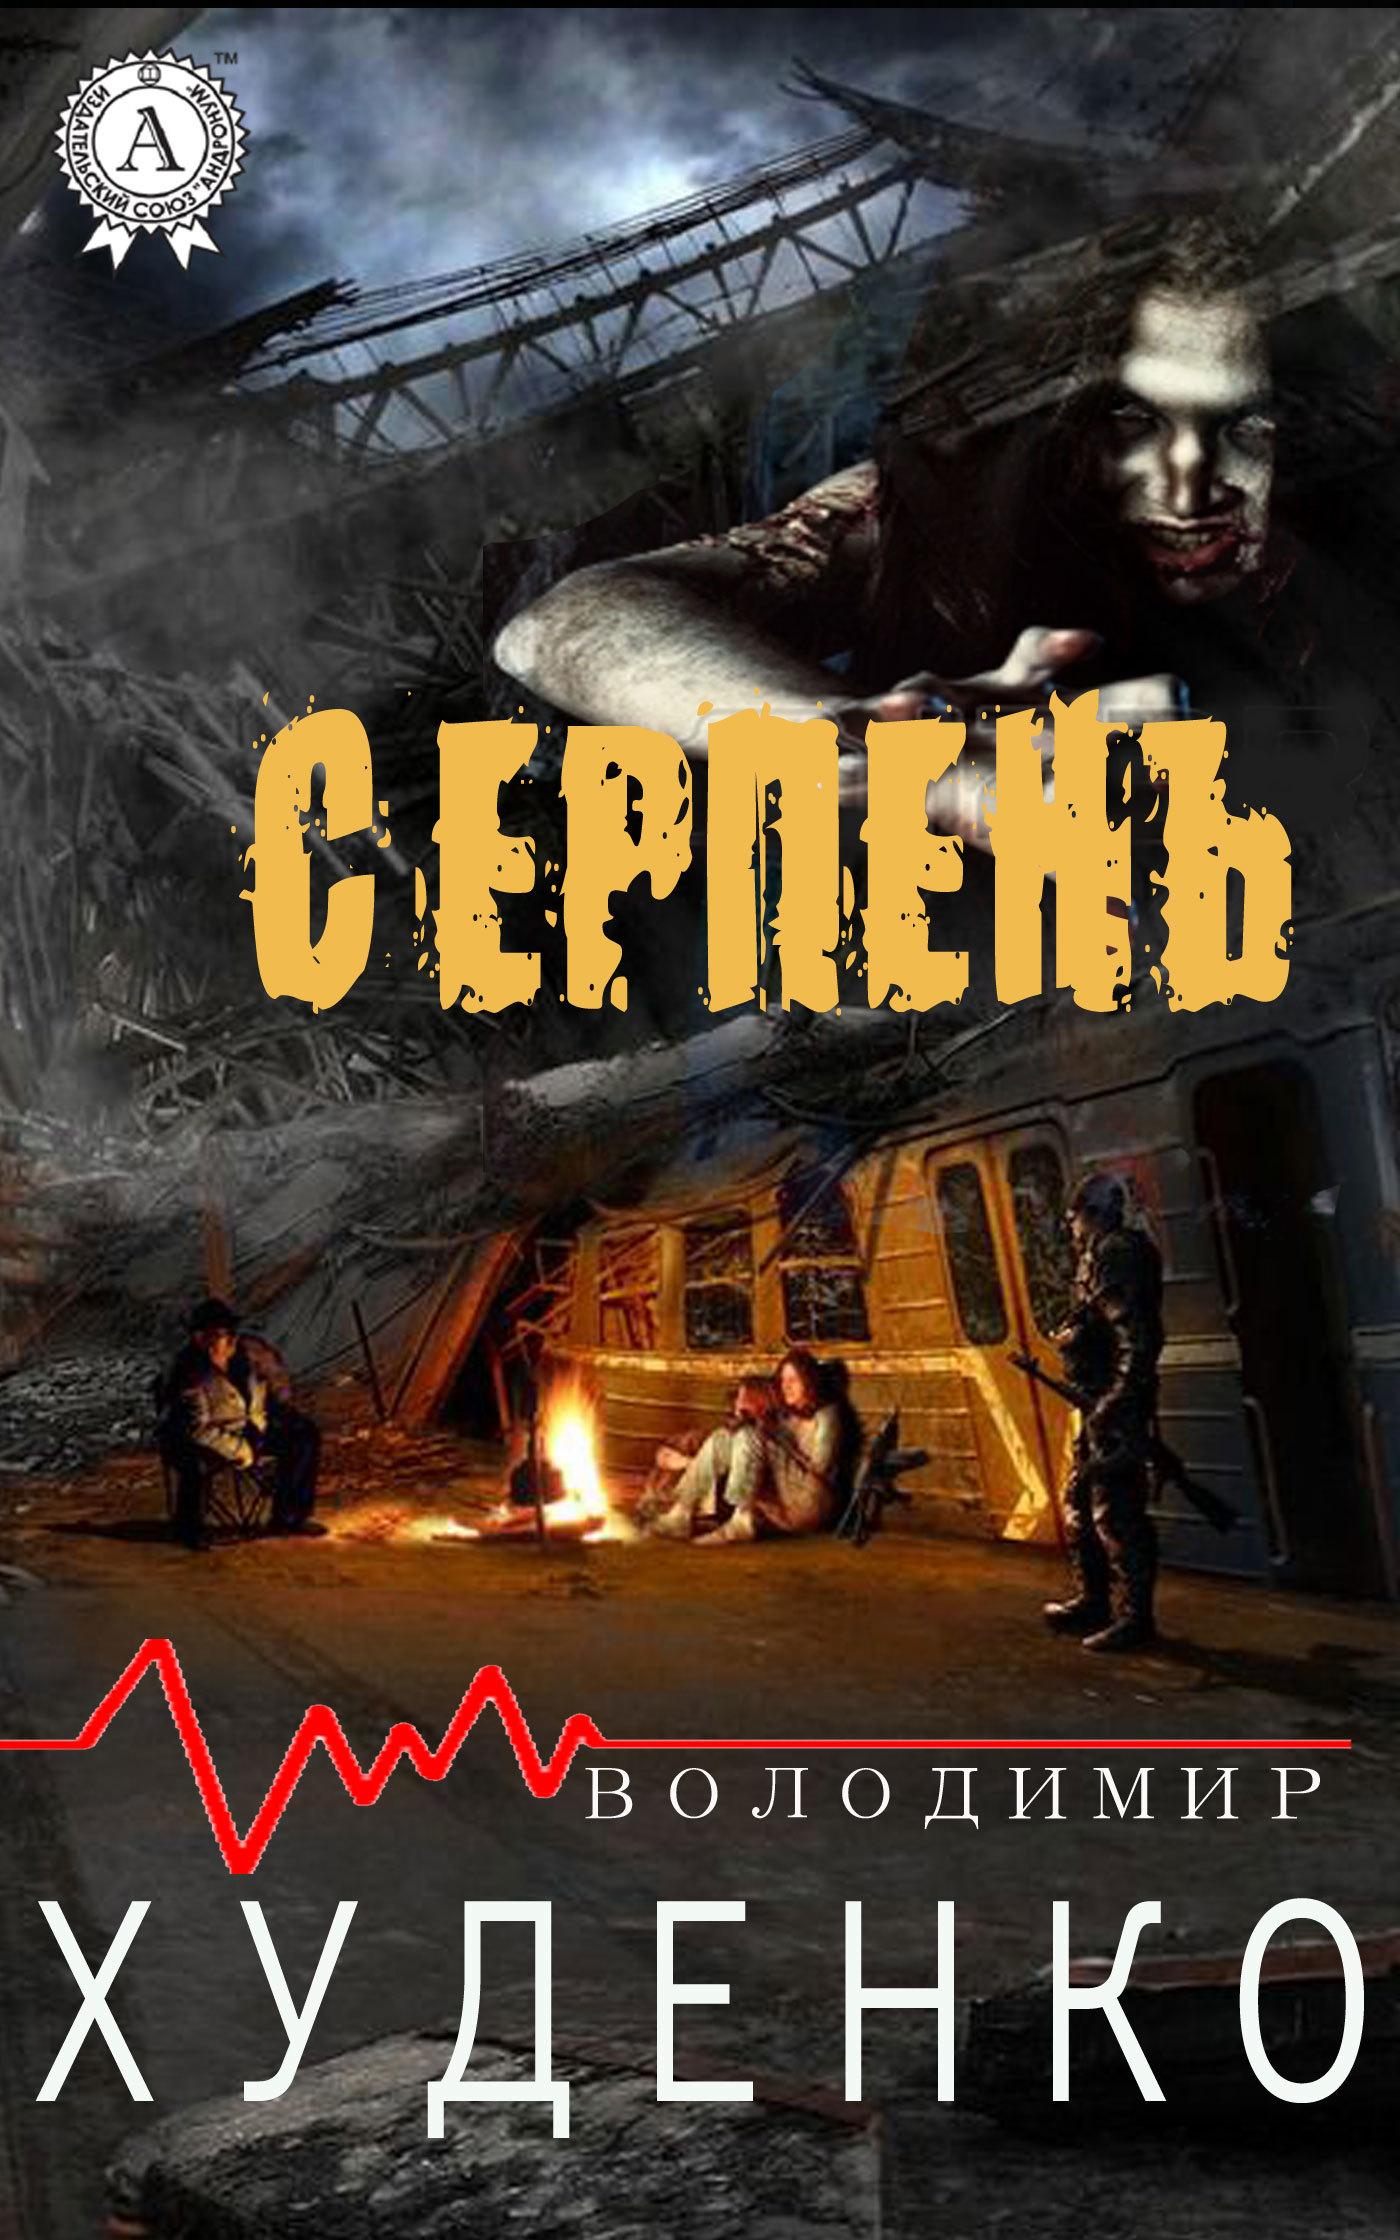 интригующее повествование в книге Володимир Худенко